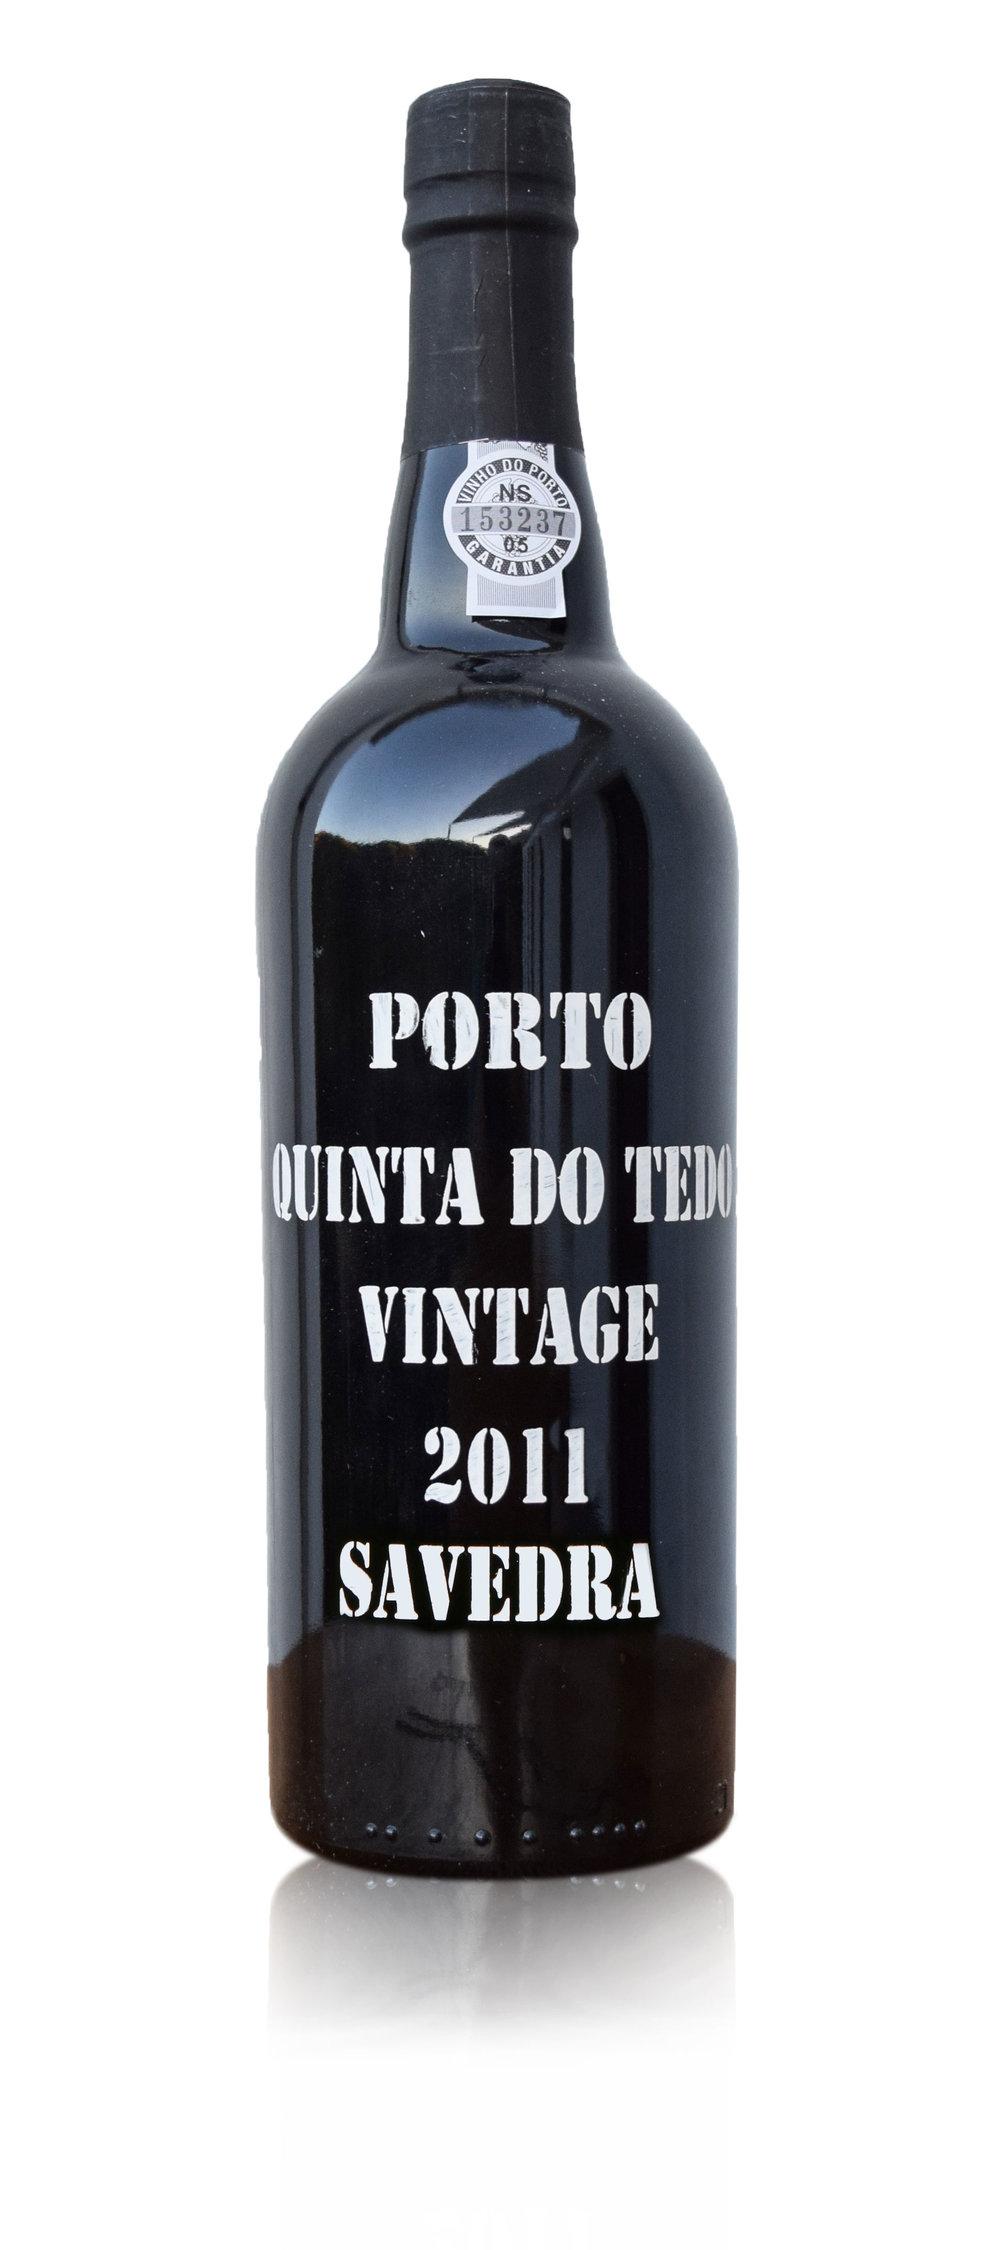 vintage_porto_2011_quinta_do_tedo_Douro_wine_valley